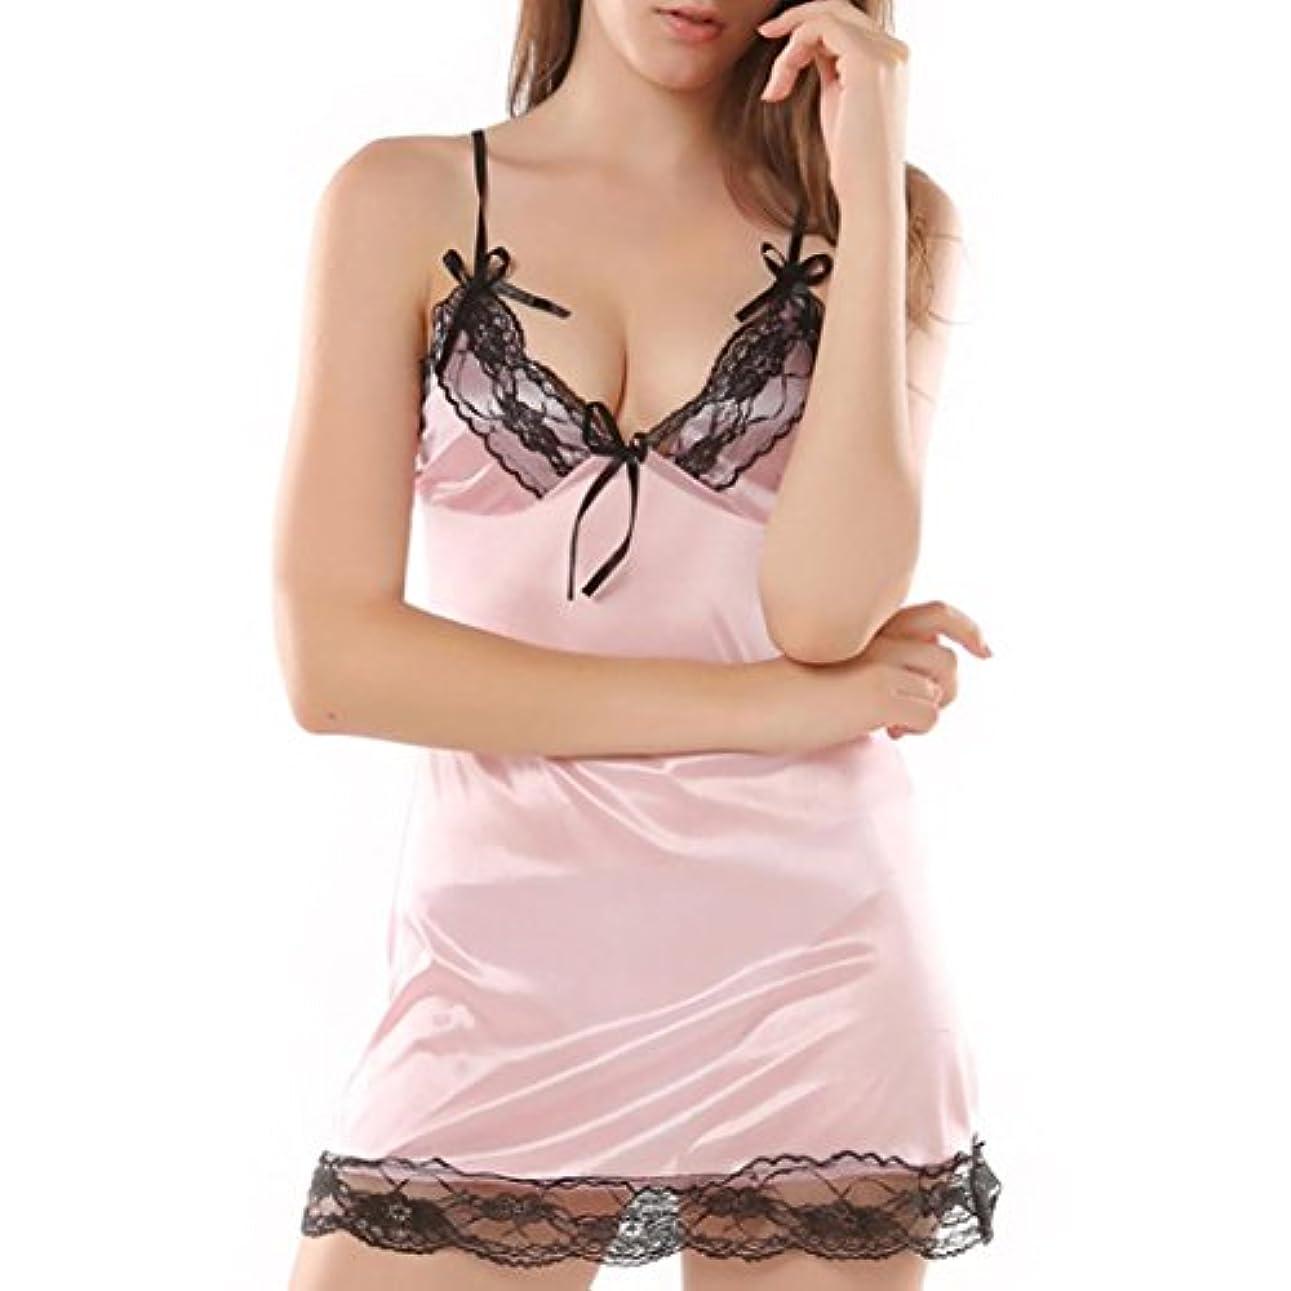 ハグドラマひらめきMhomzawa レースの下着ファッションセクシープラスサイズの服は下着の寝巻の誘惑